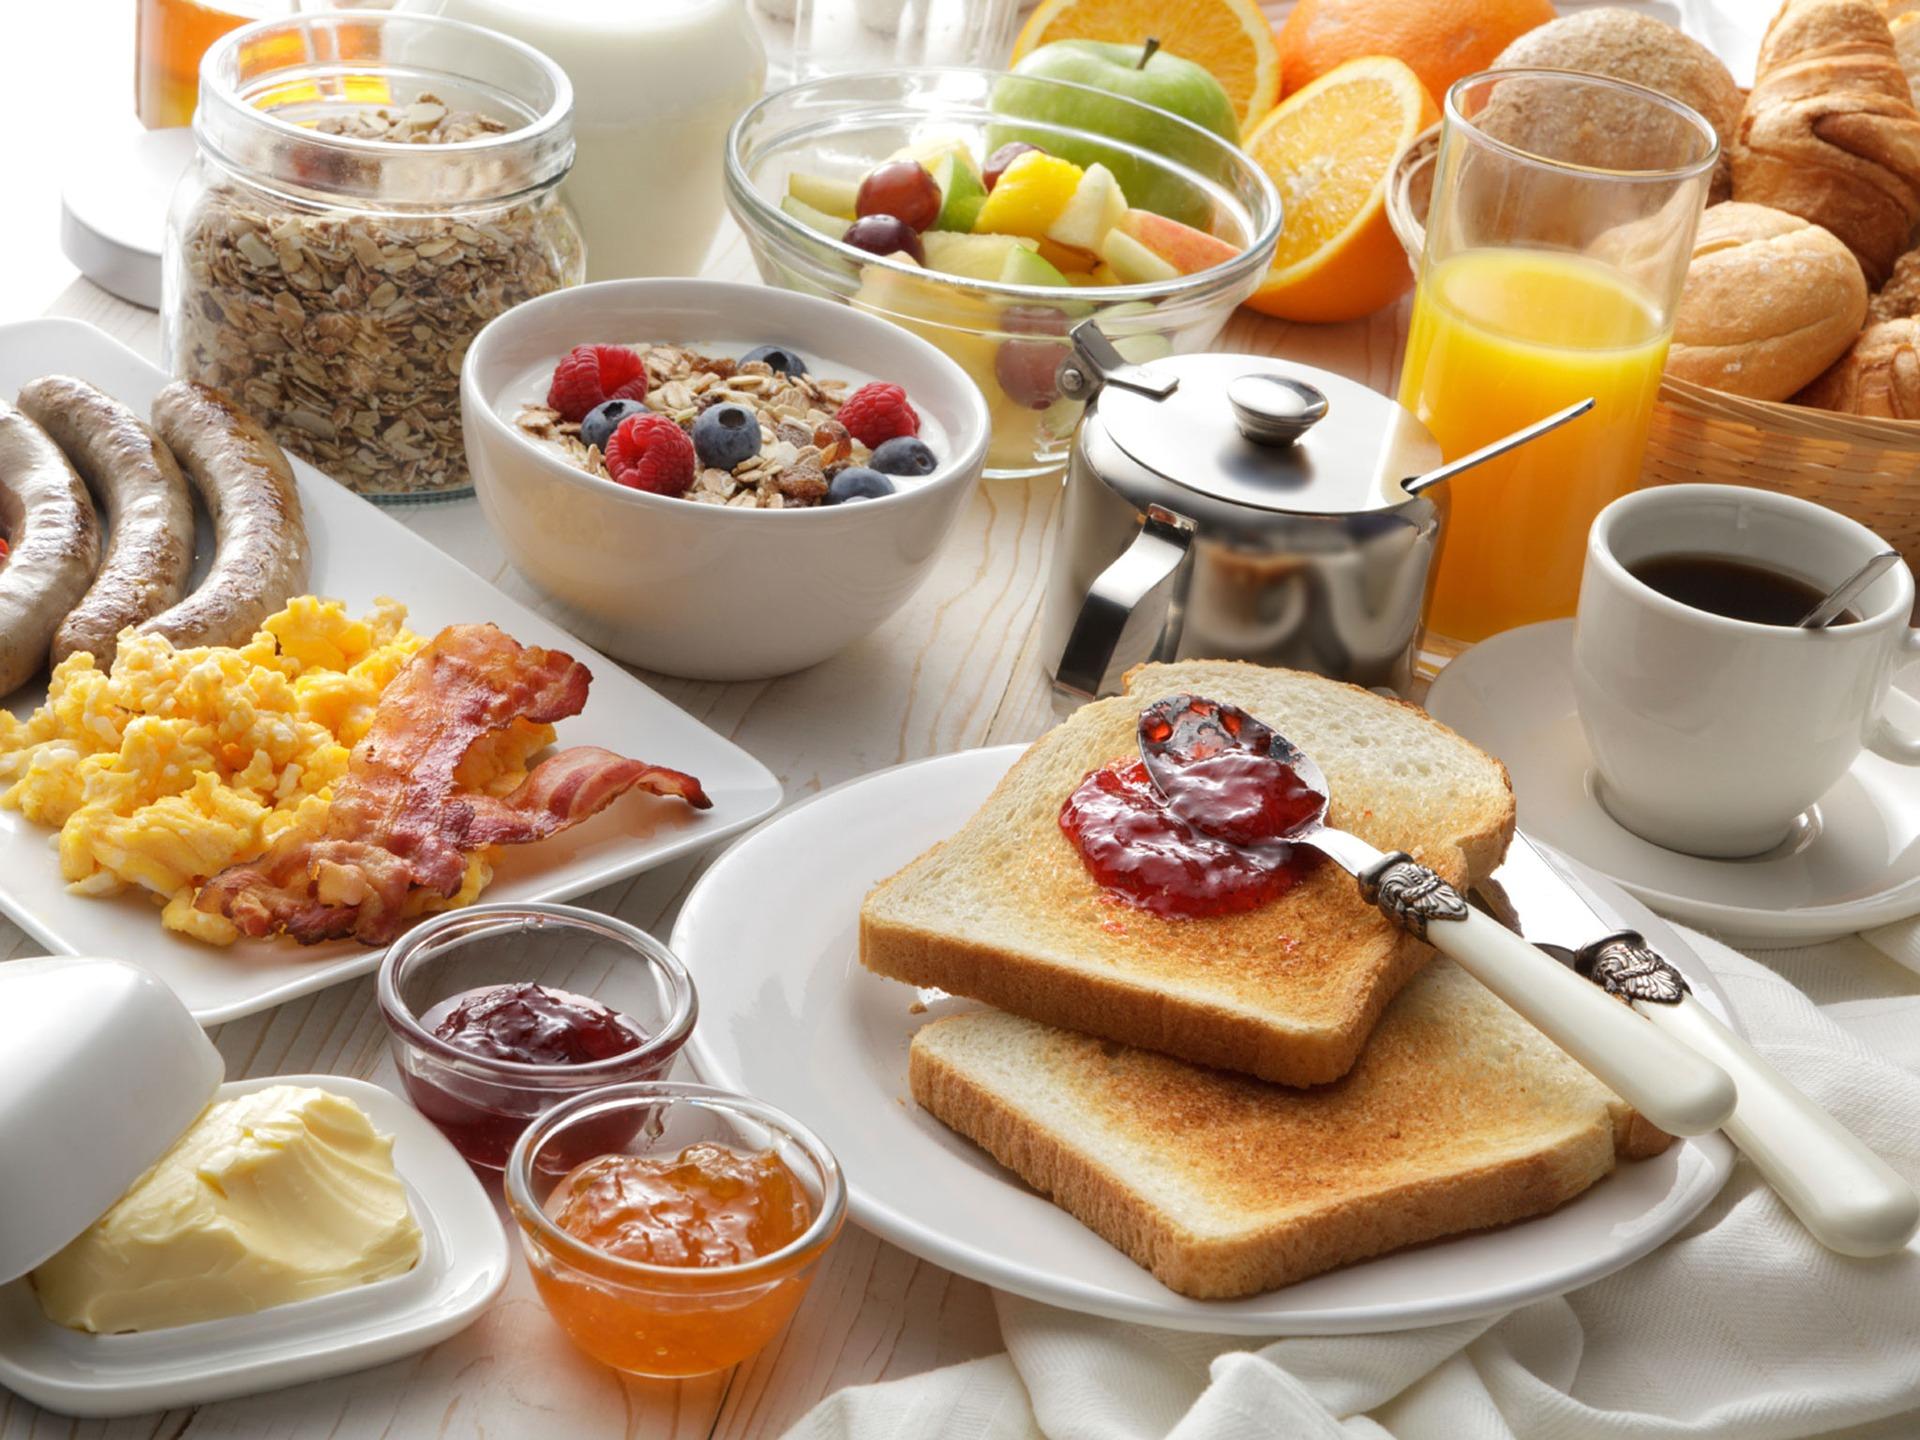 desayunos ricos